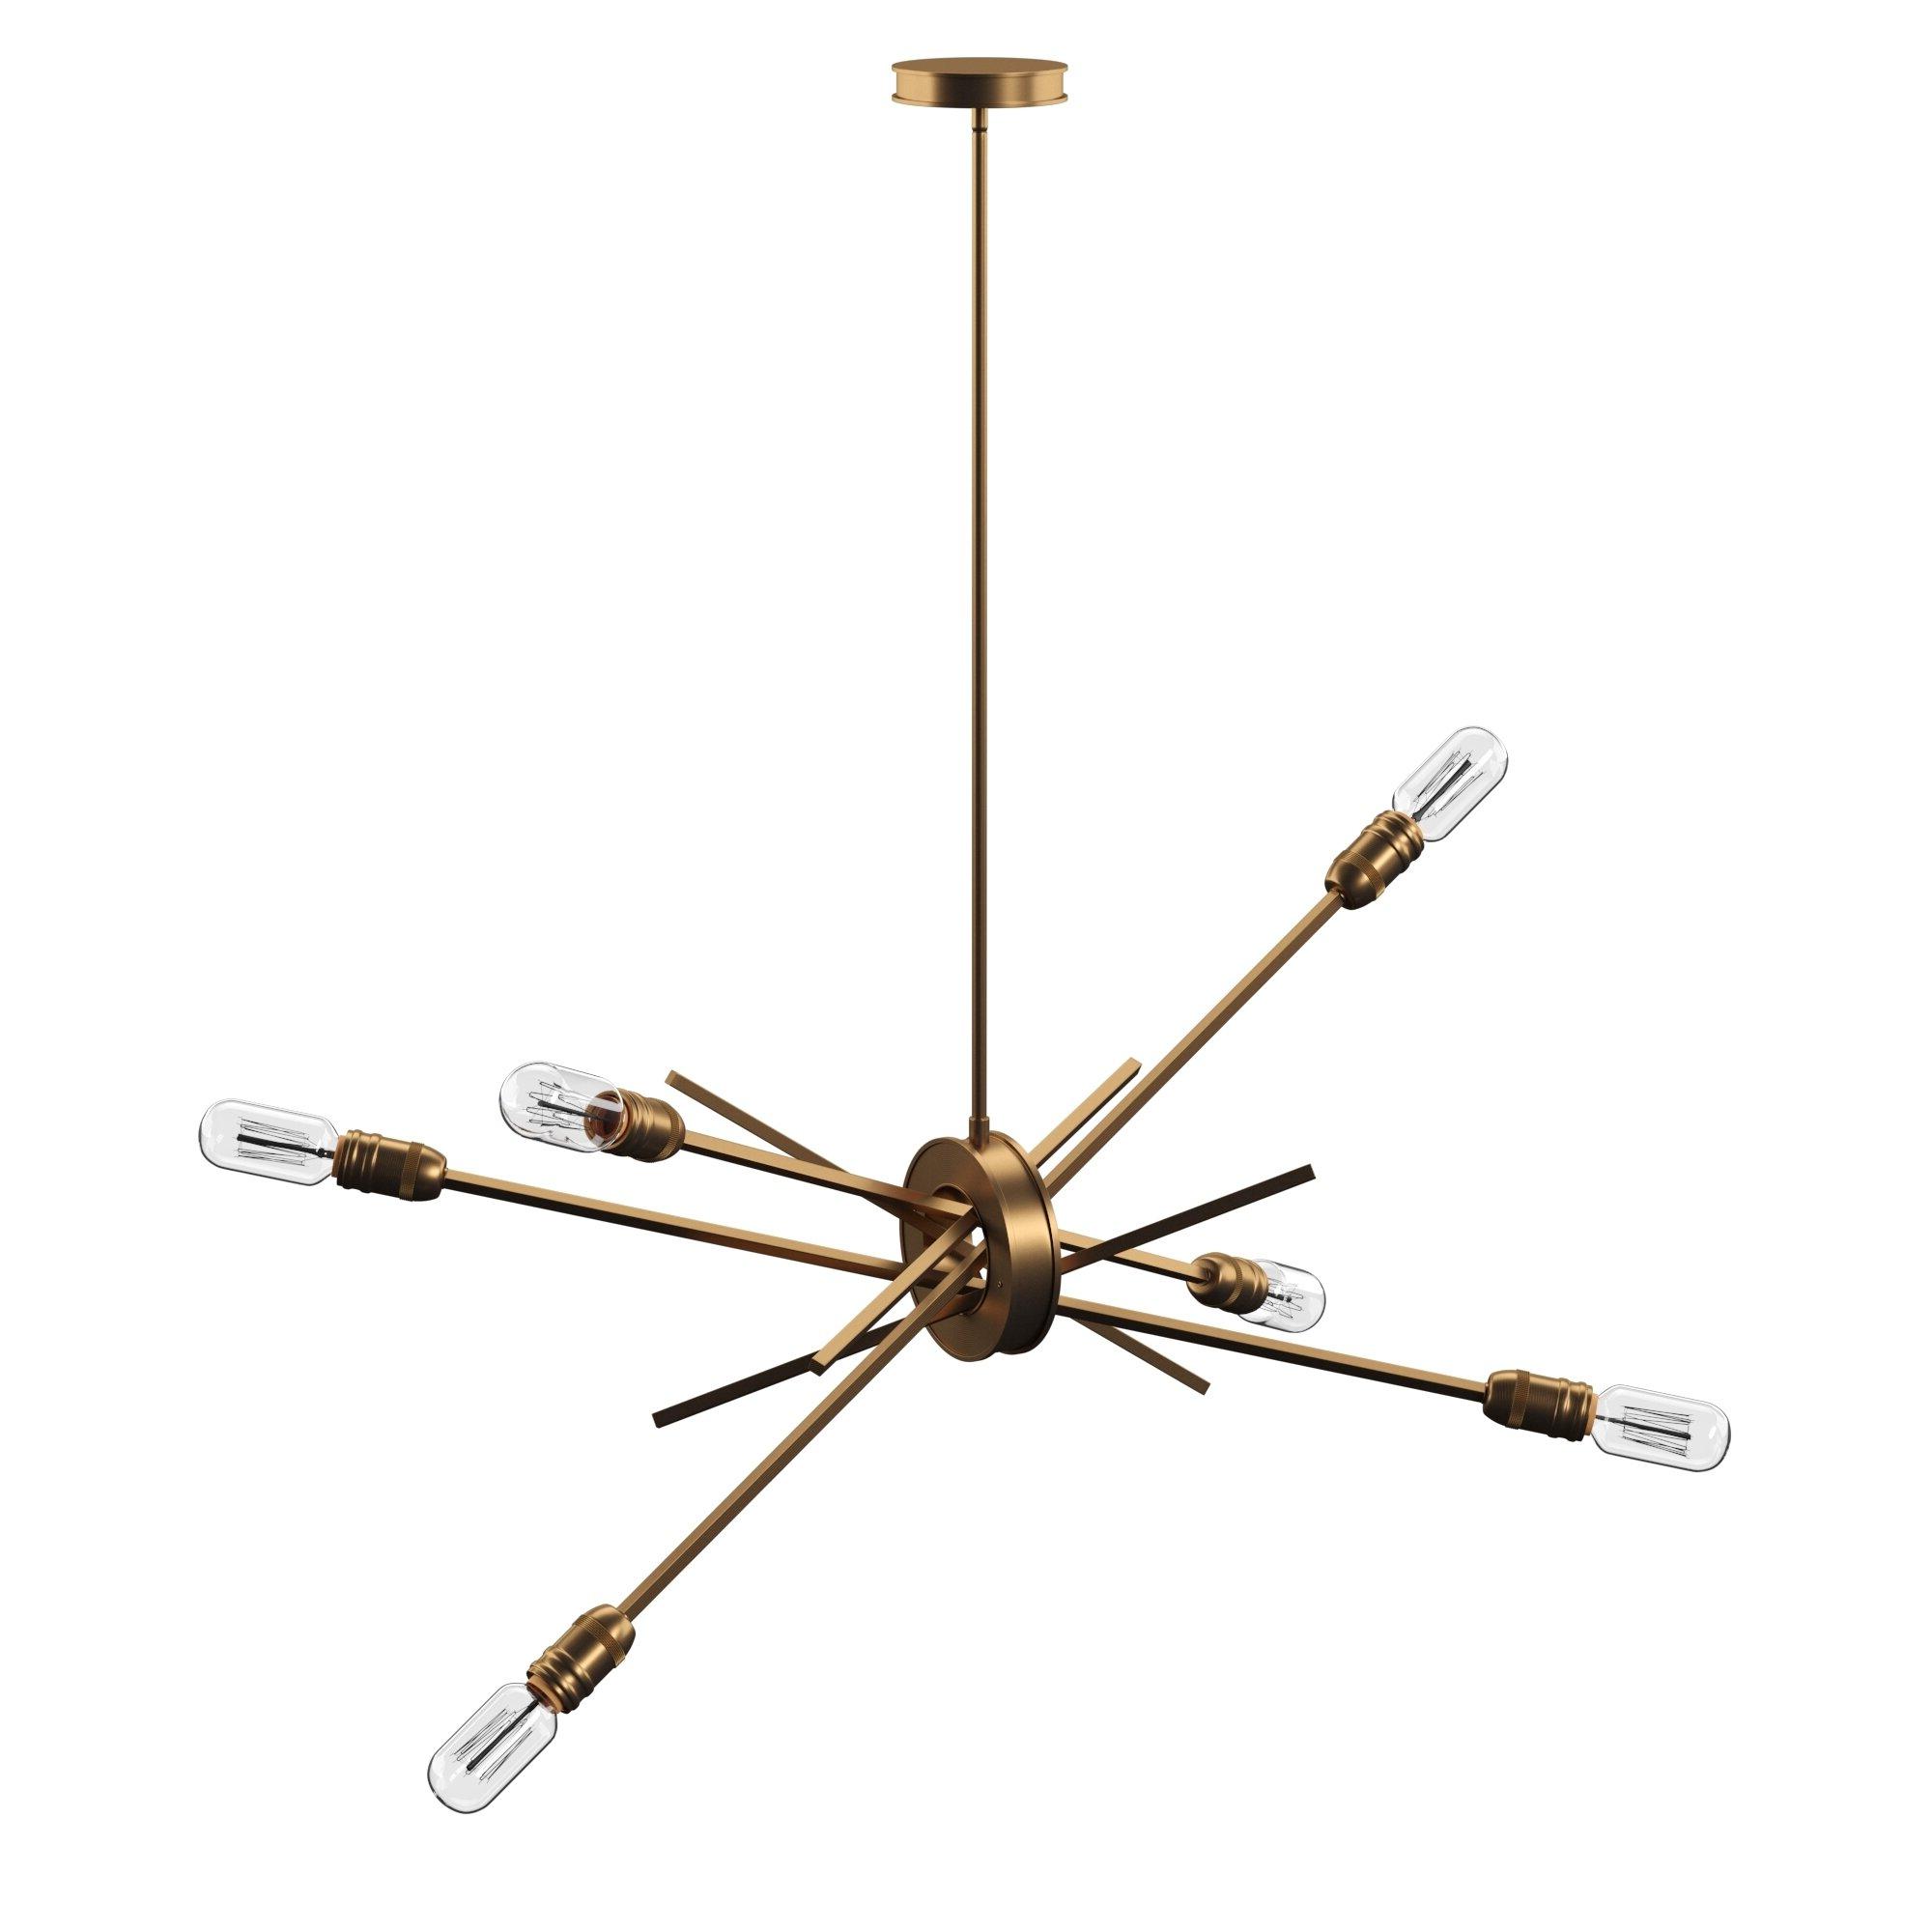 Byler 6-Light Sputnik Chandelier throughout Widely used Everett 10-Light Sputnik Chandeliers